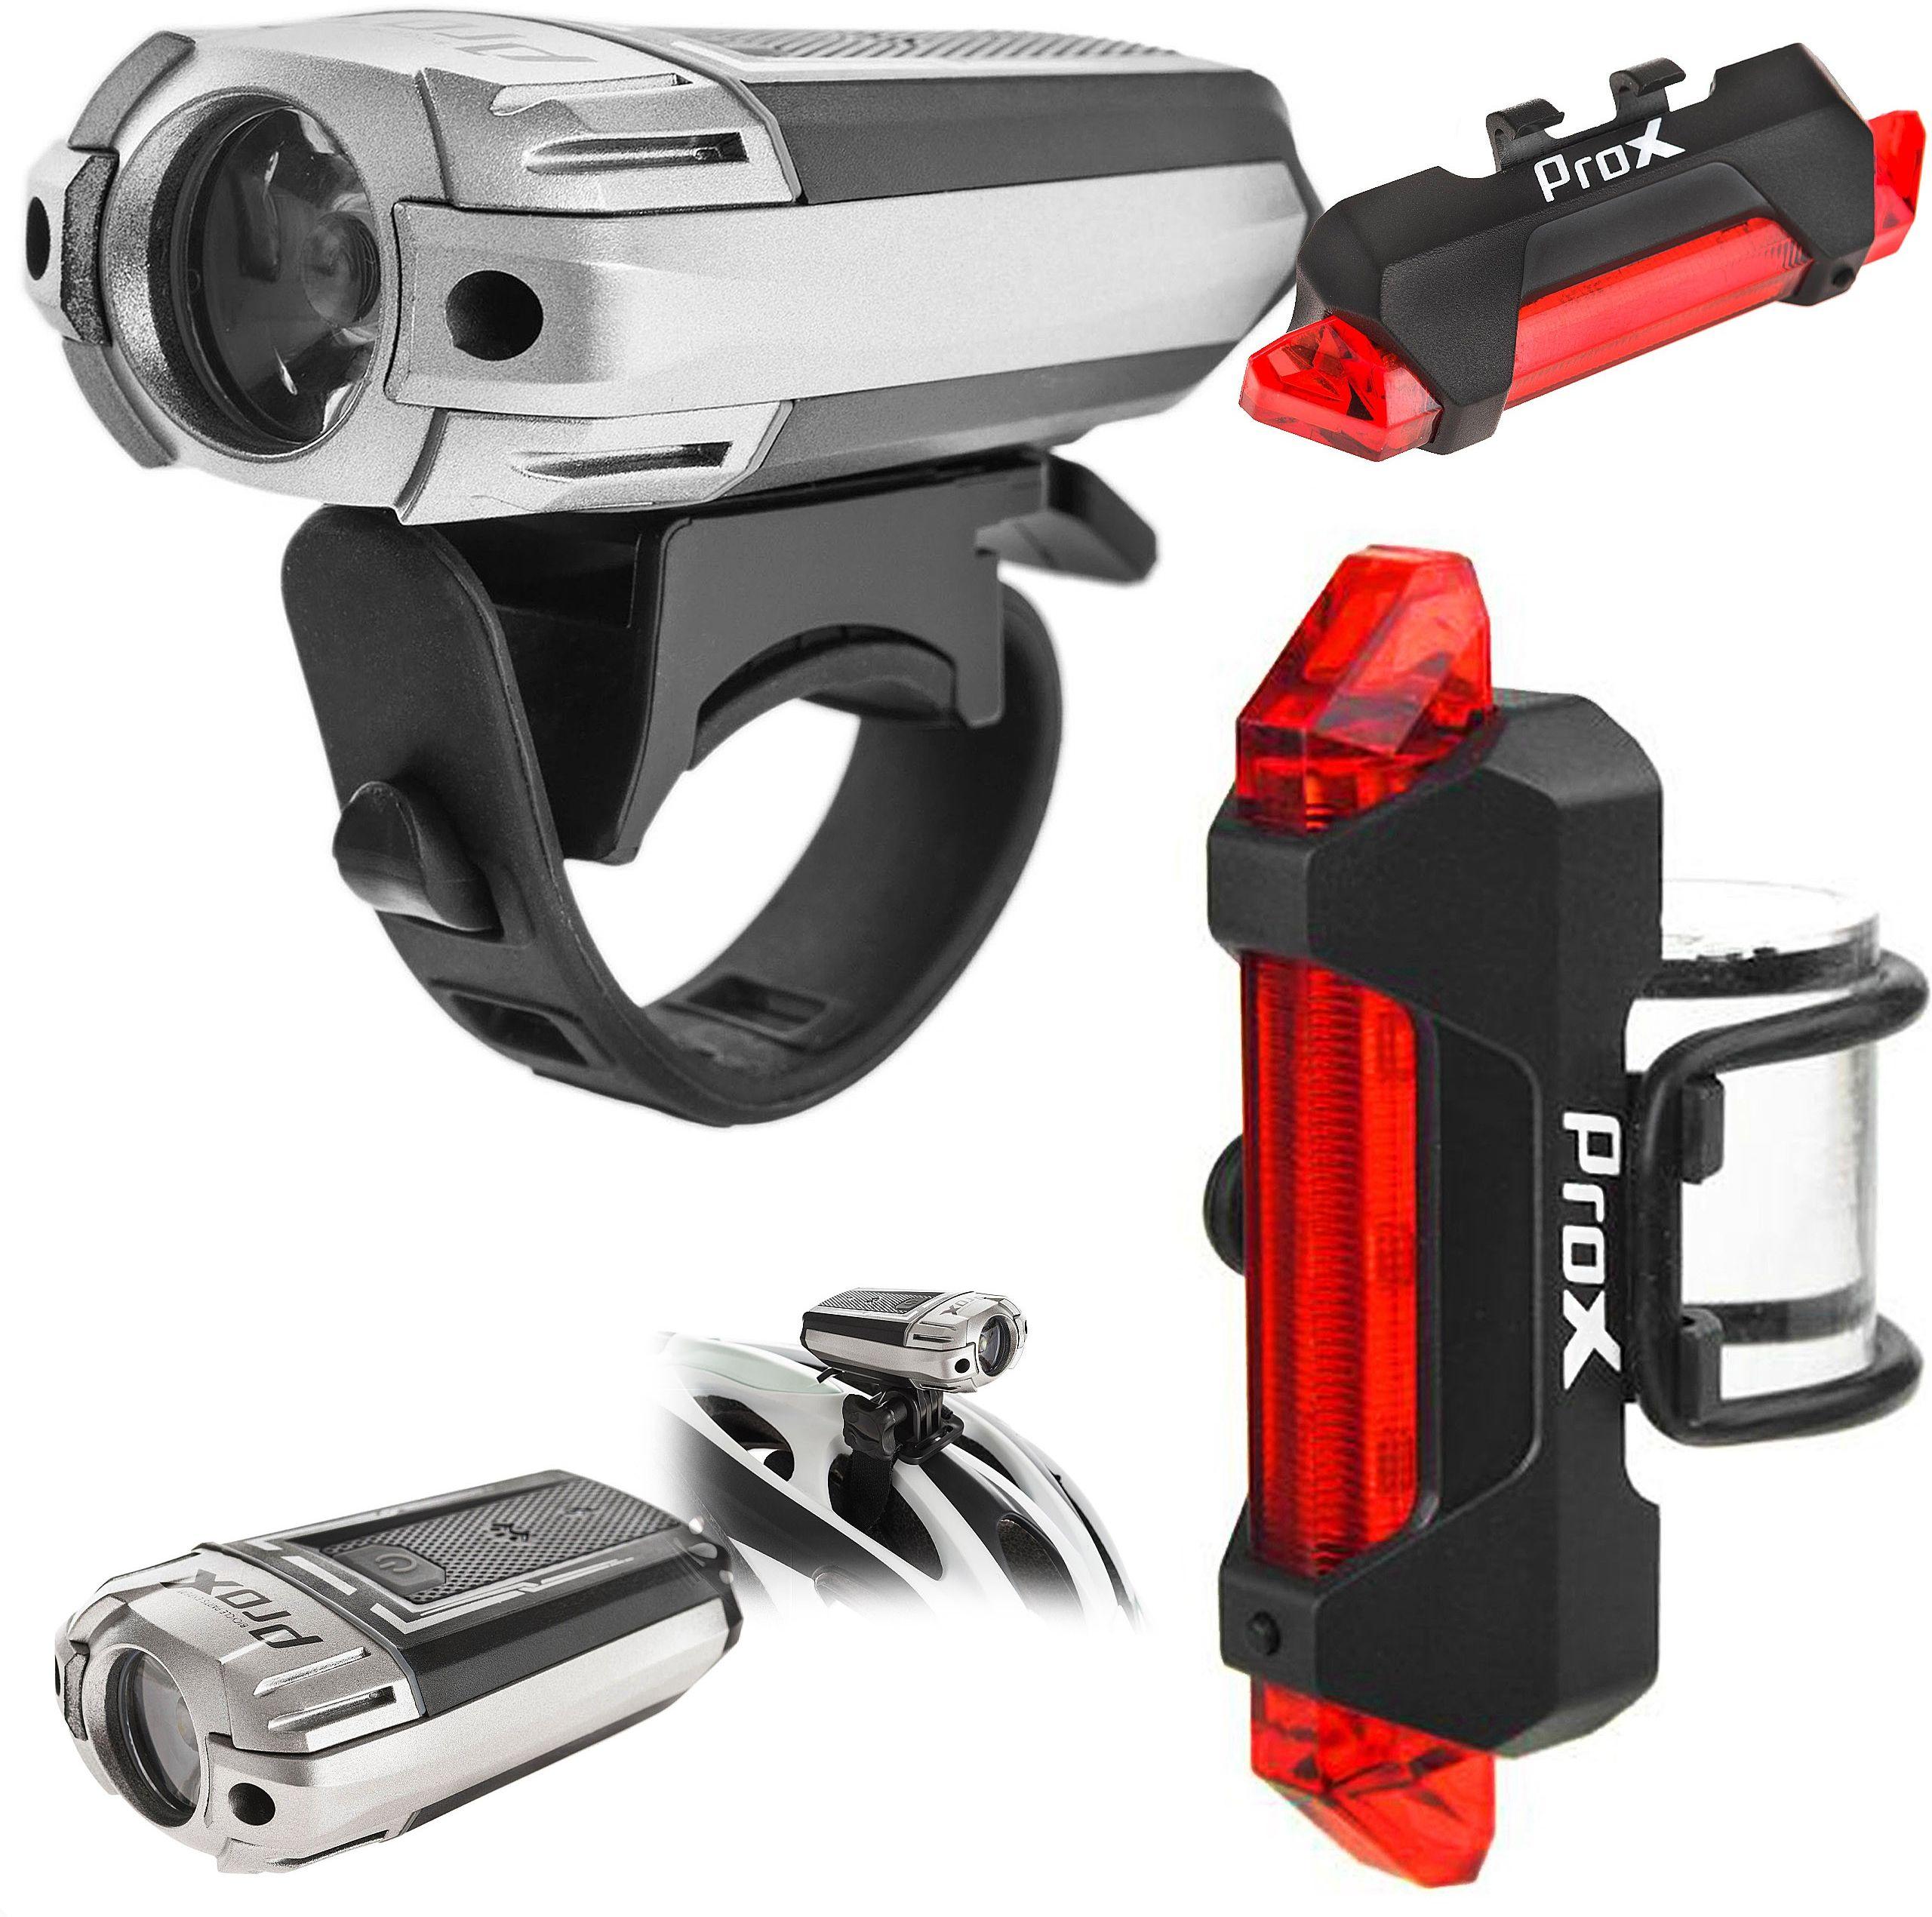 Lampa przednia + tylna /akumulator/ PROX URSA SET USB -CREE 300 LM + 5xLED 50 Lm